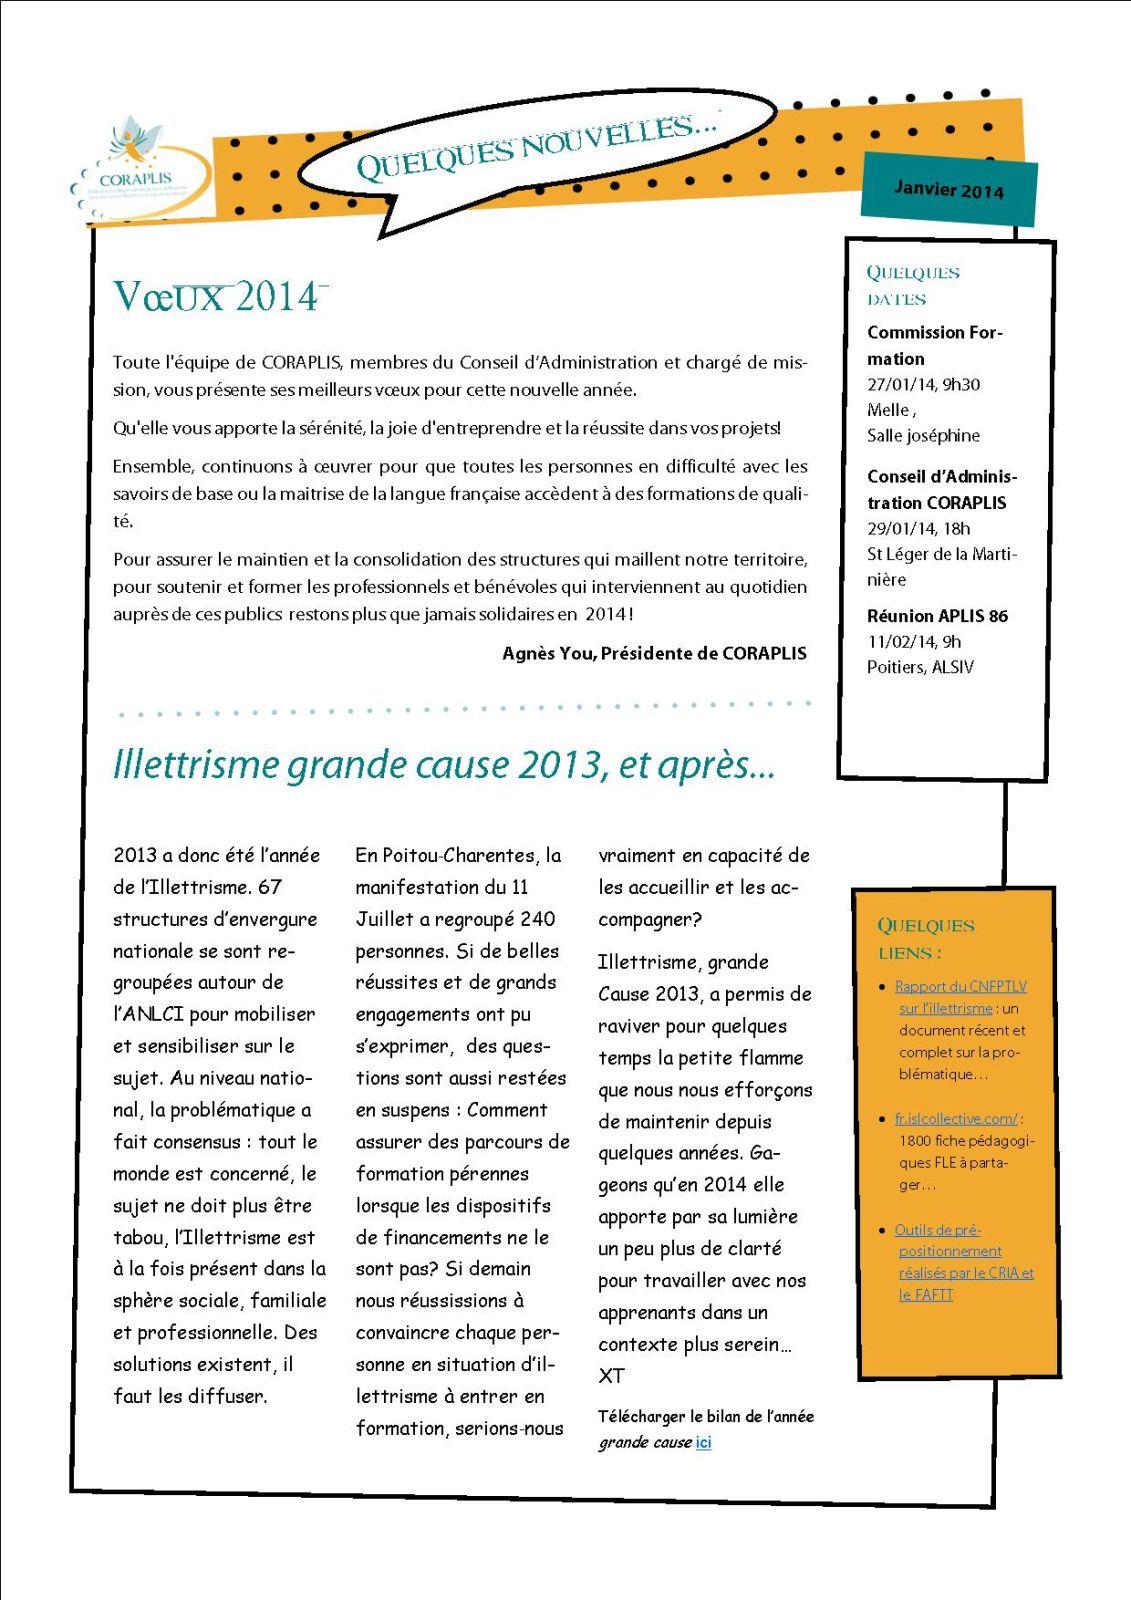 Qques Nouvelles Janvier 2014